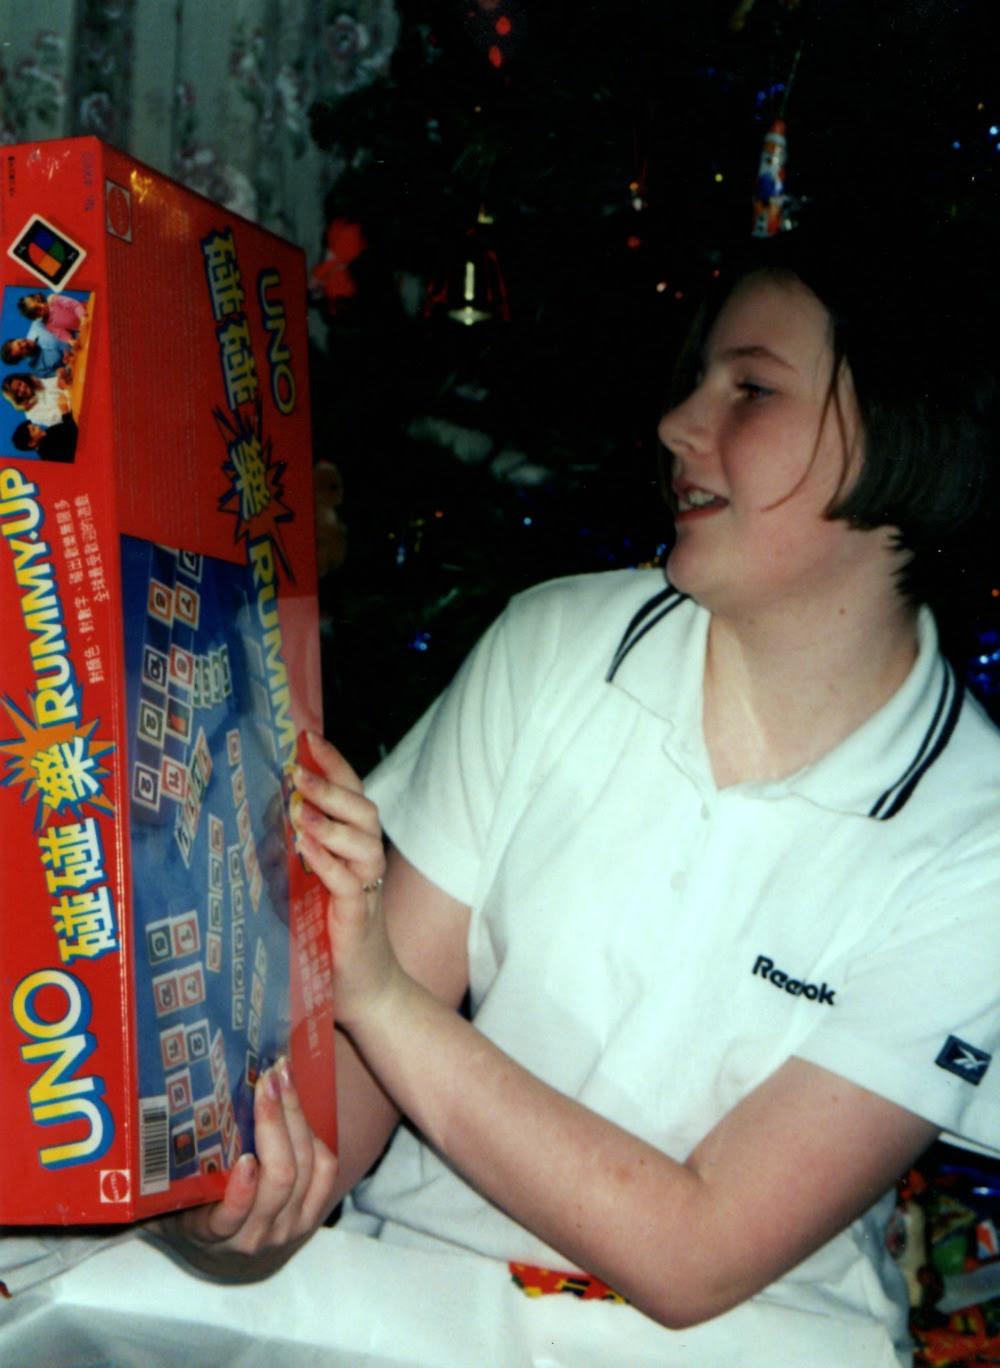 Christmas, c 2003